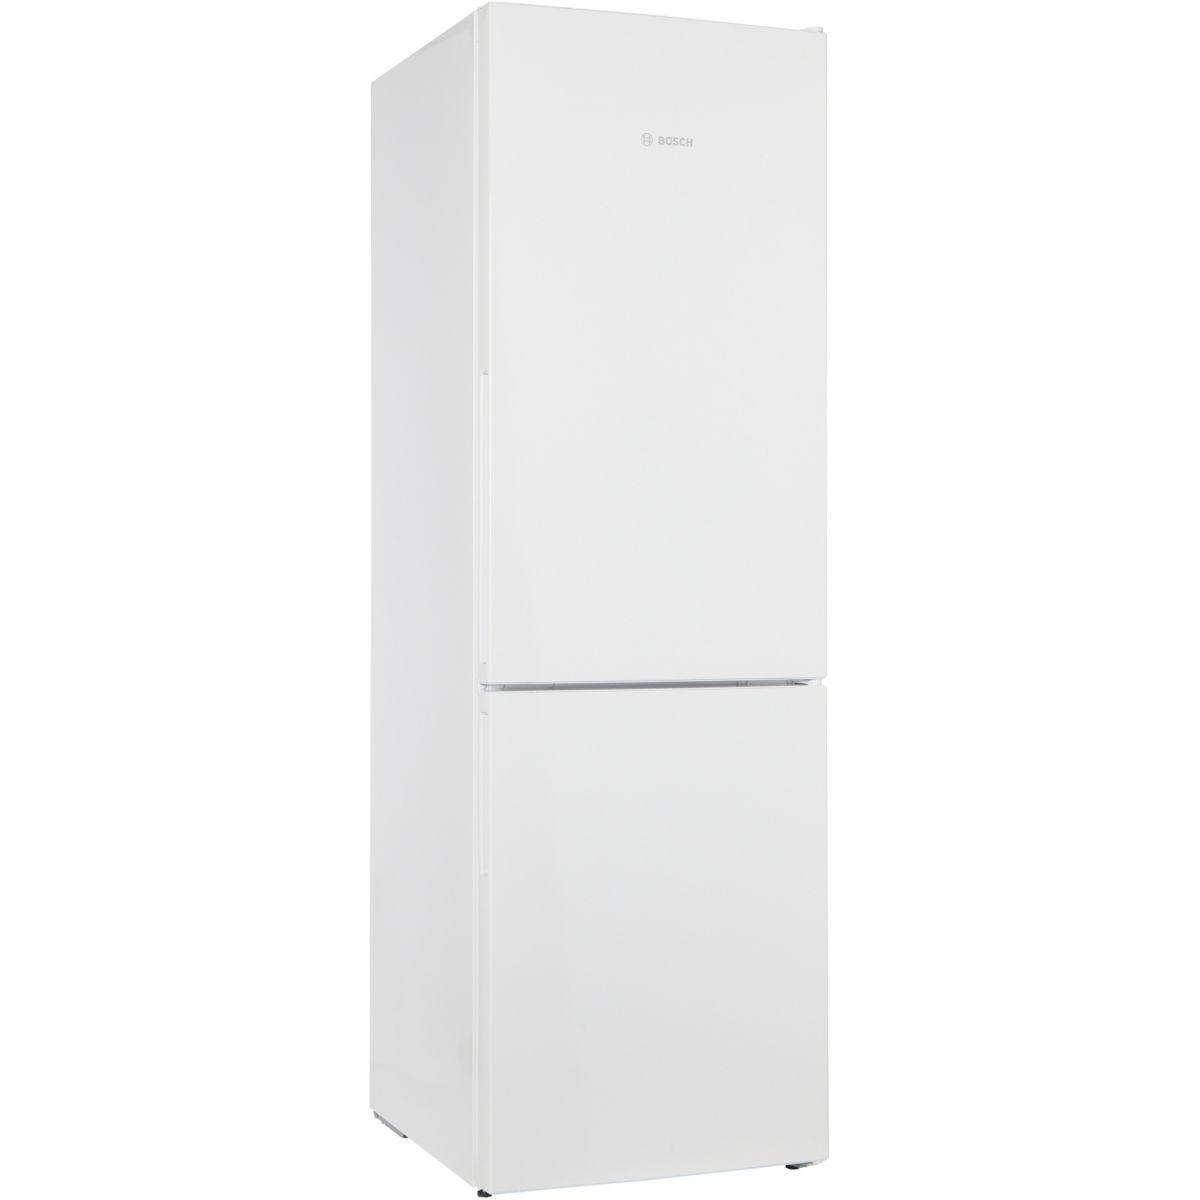 Réfrigérateur congélateur en bas BOSCH KGV36VW32S